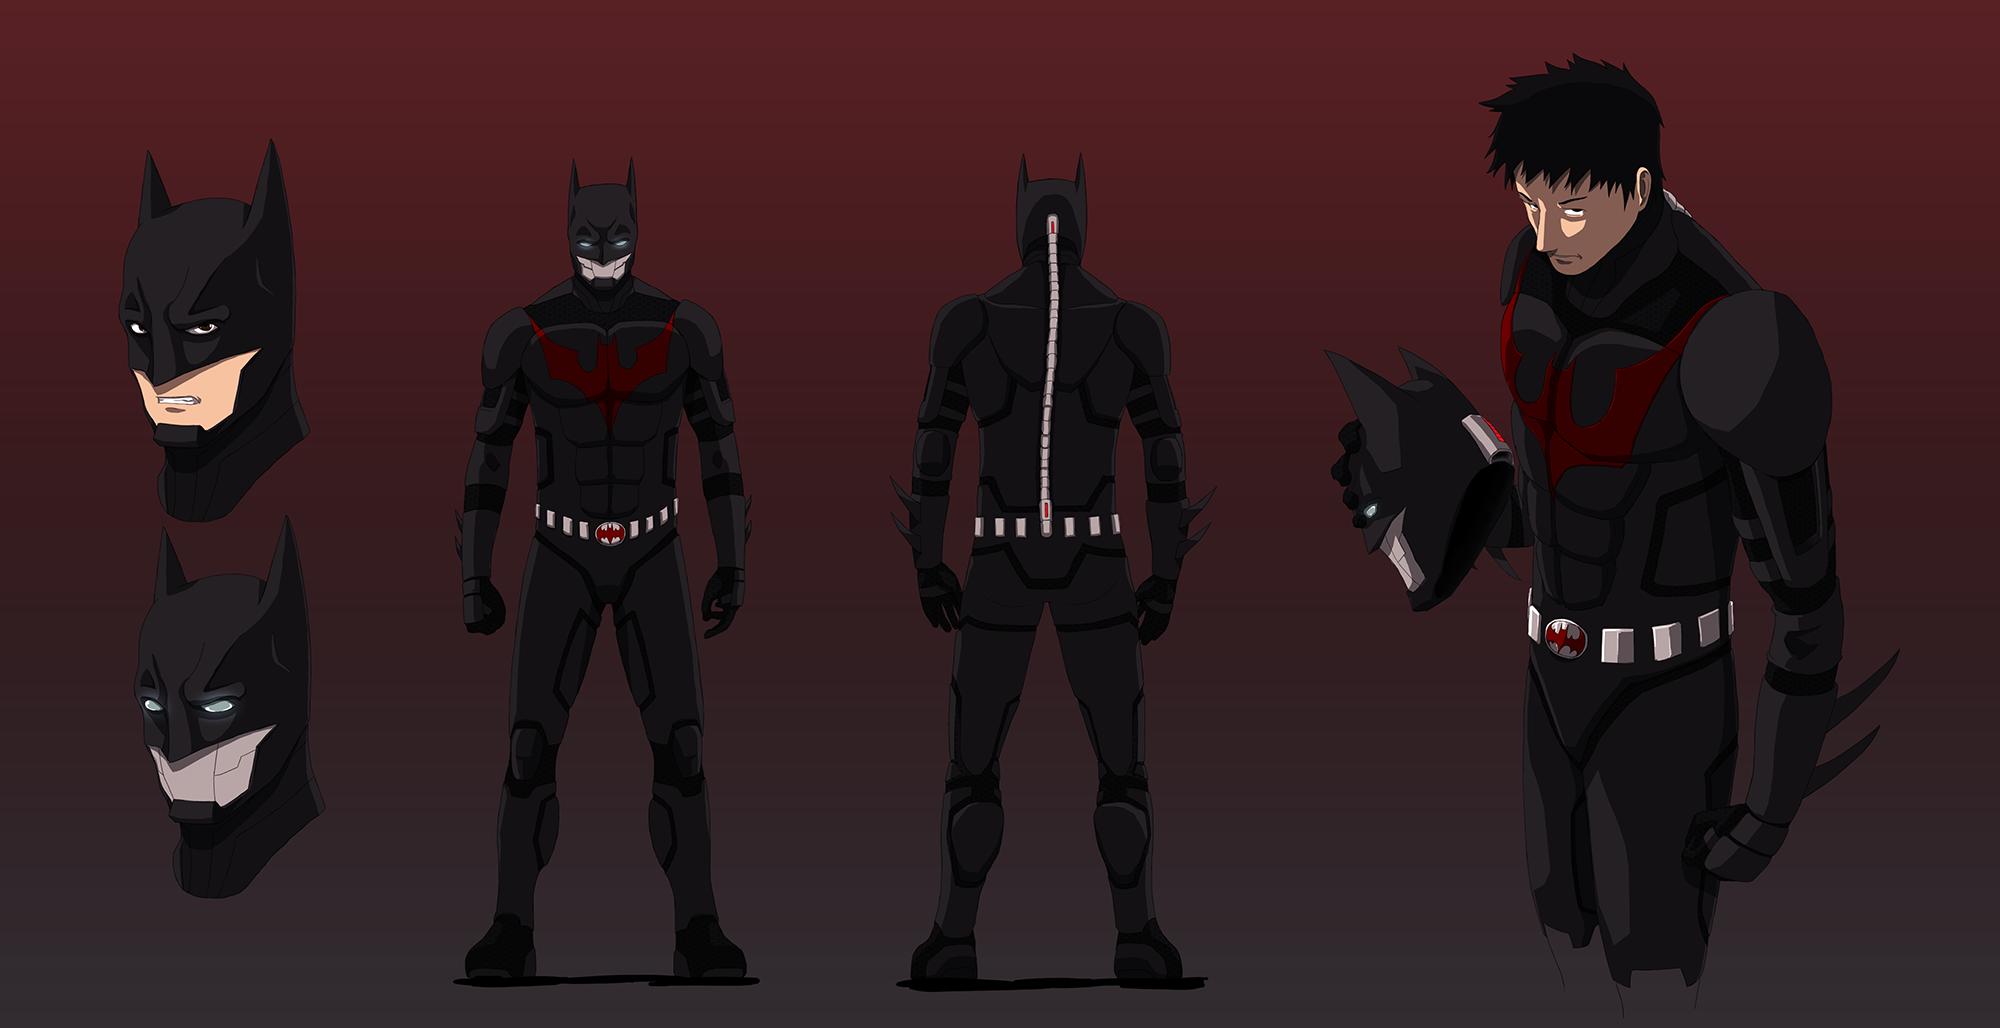 Beyond Bat Suit by TristanFTW